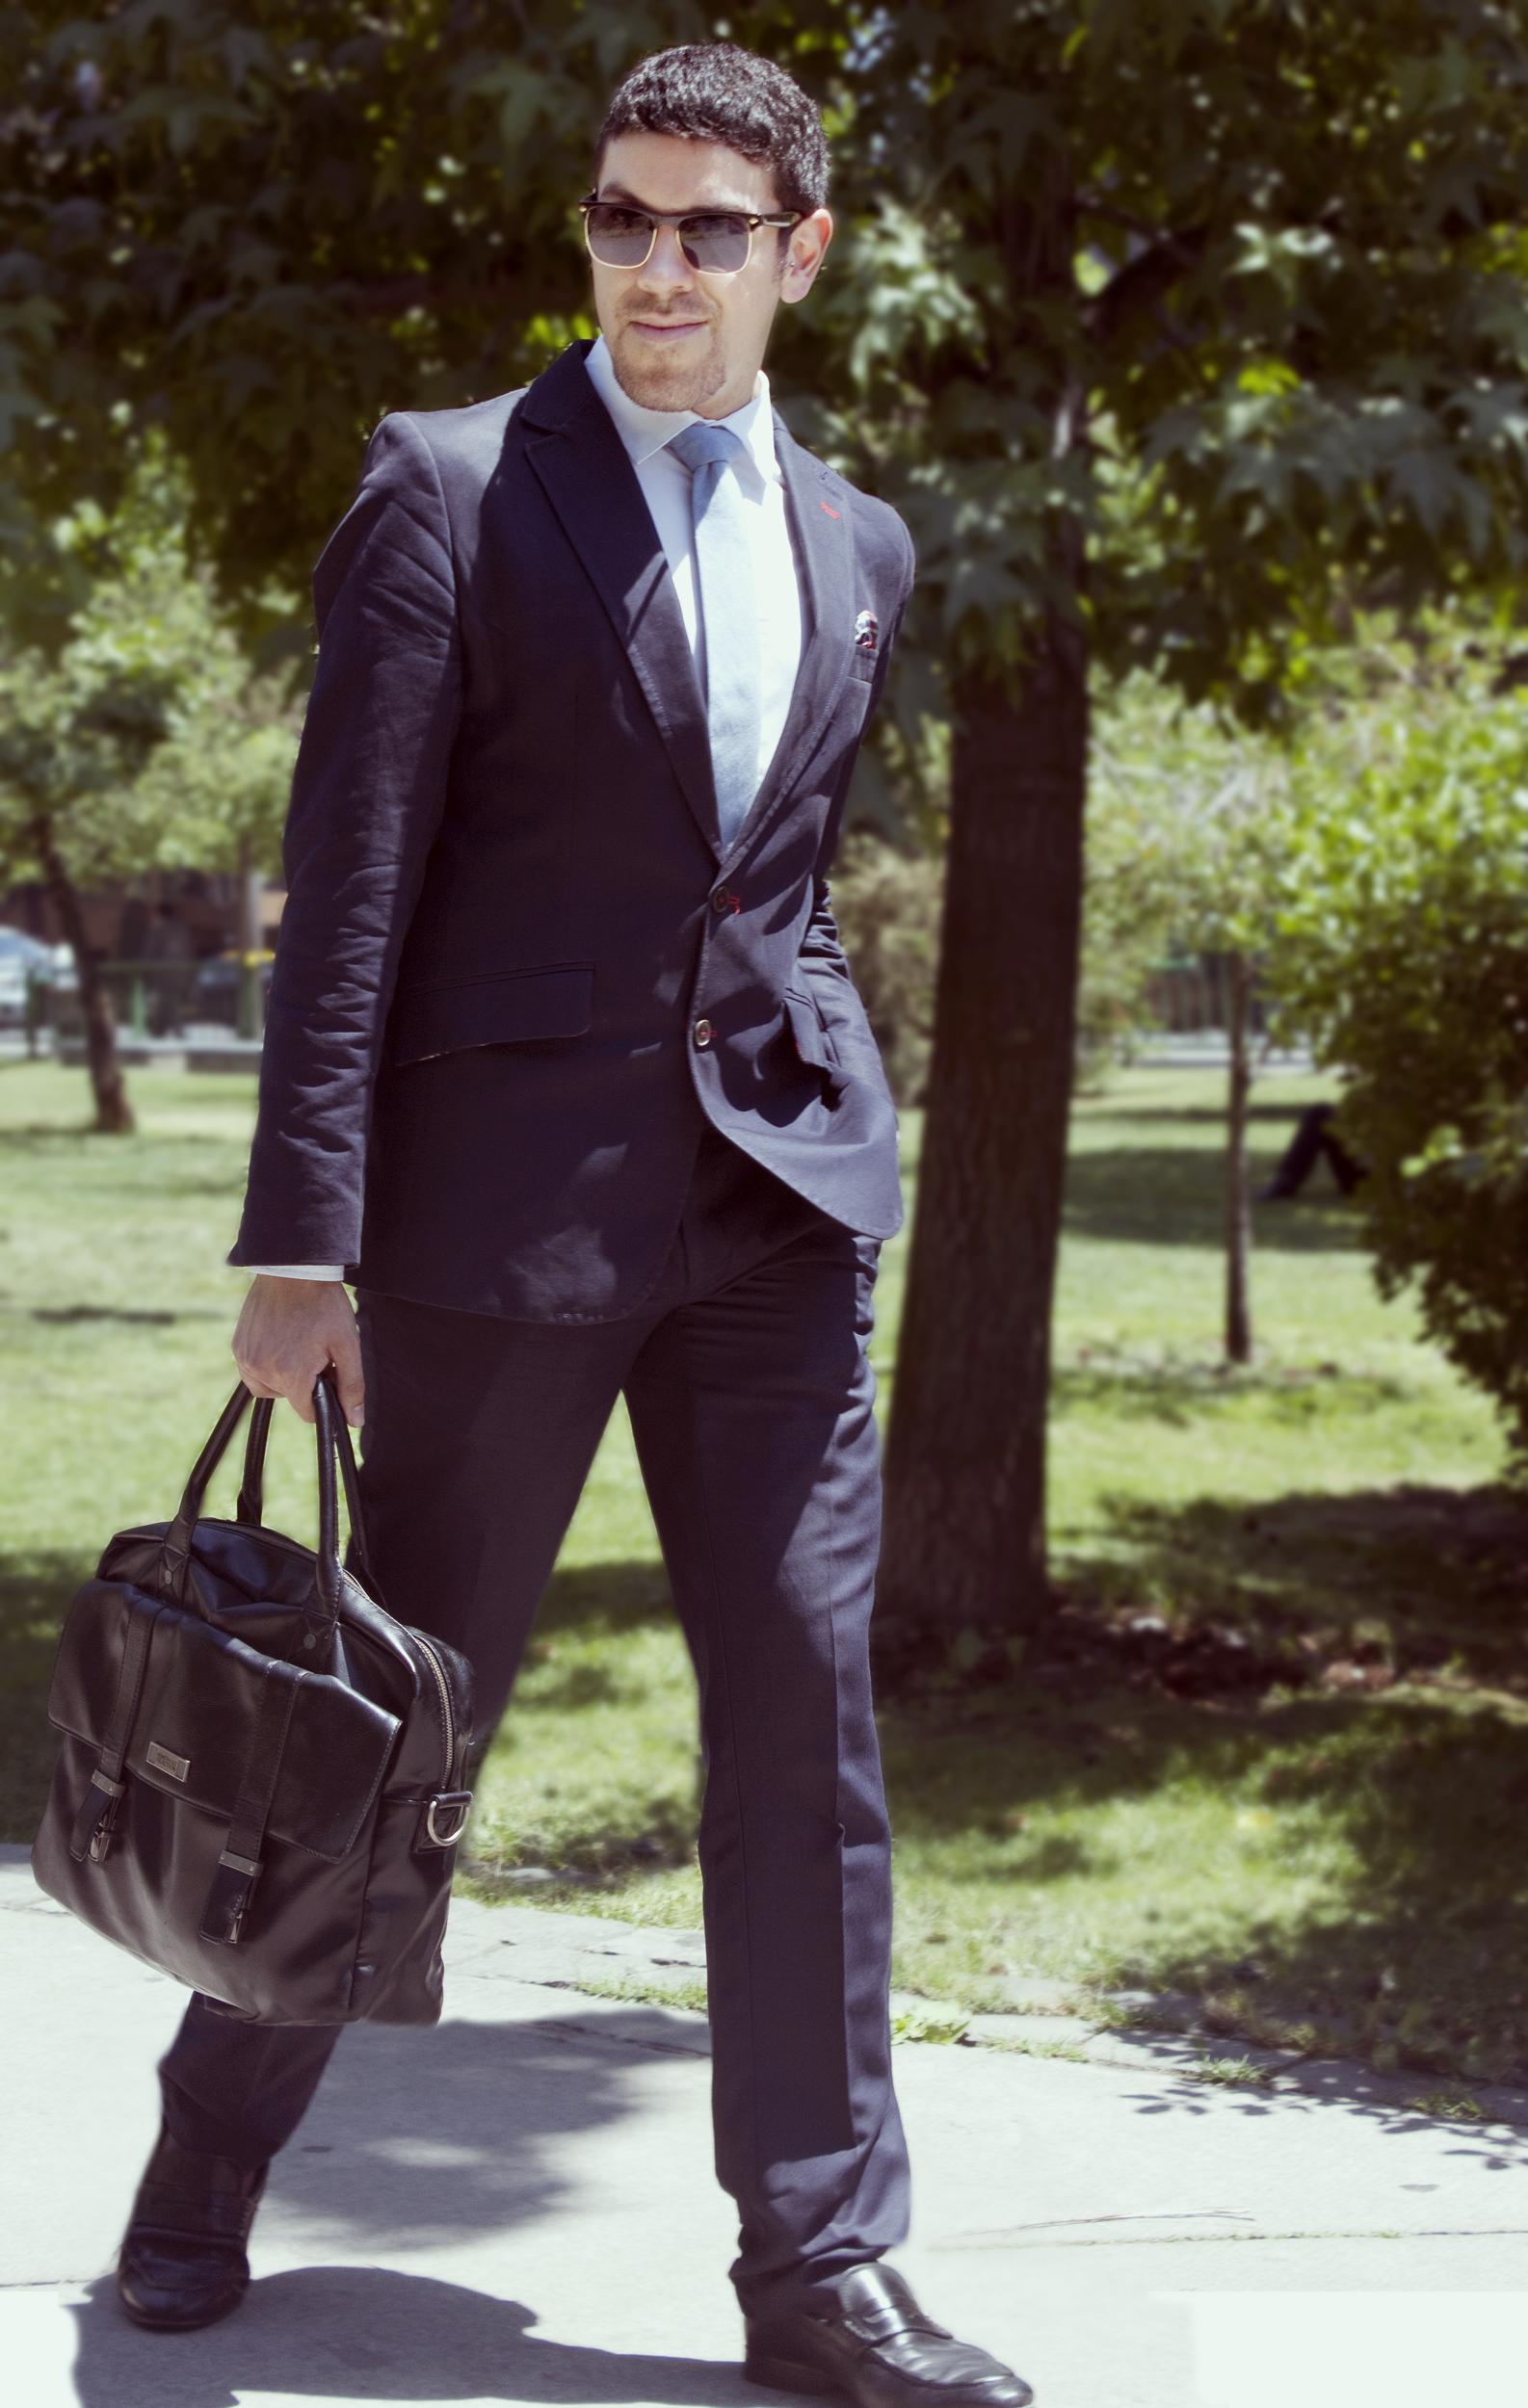 Especial fotográfico: La vuelta del traje